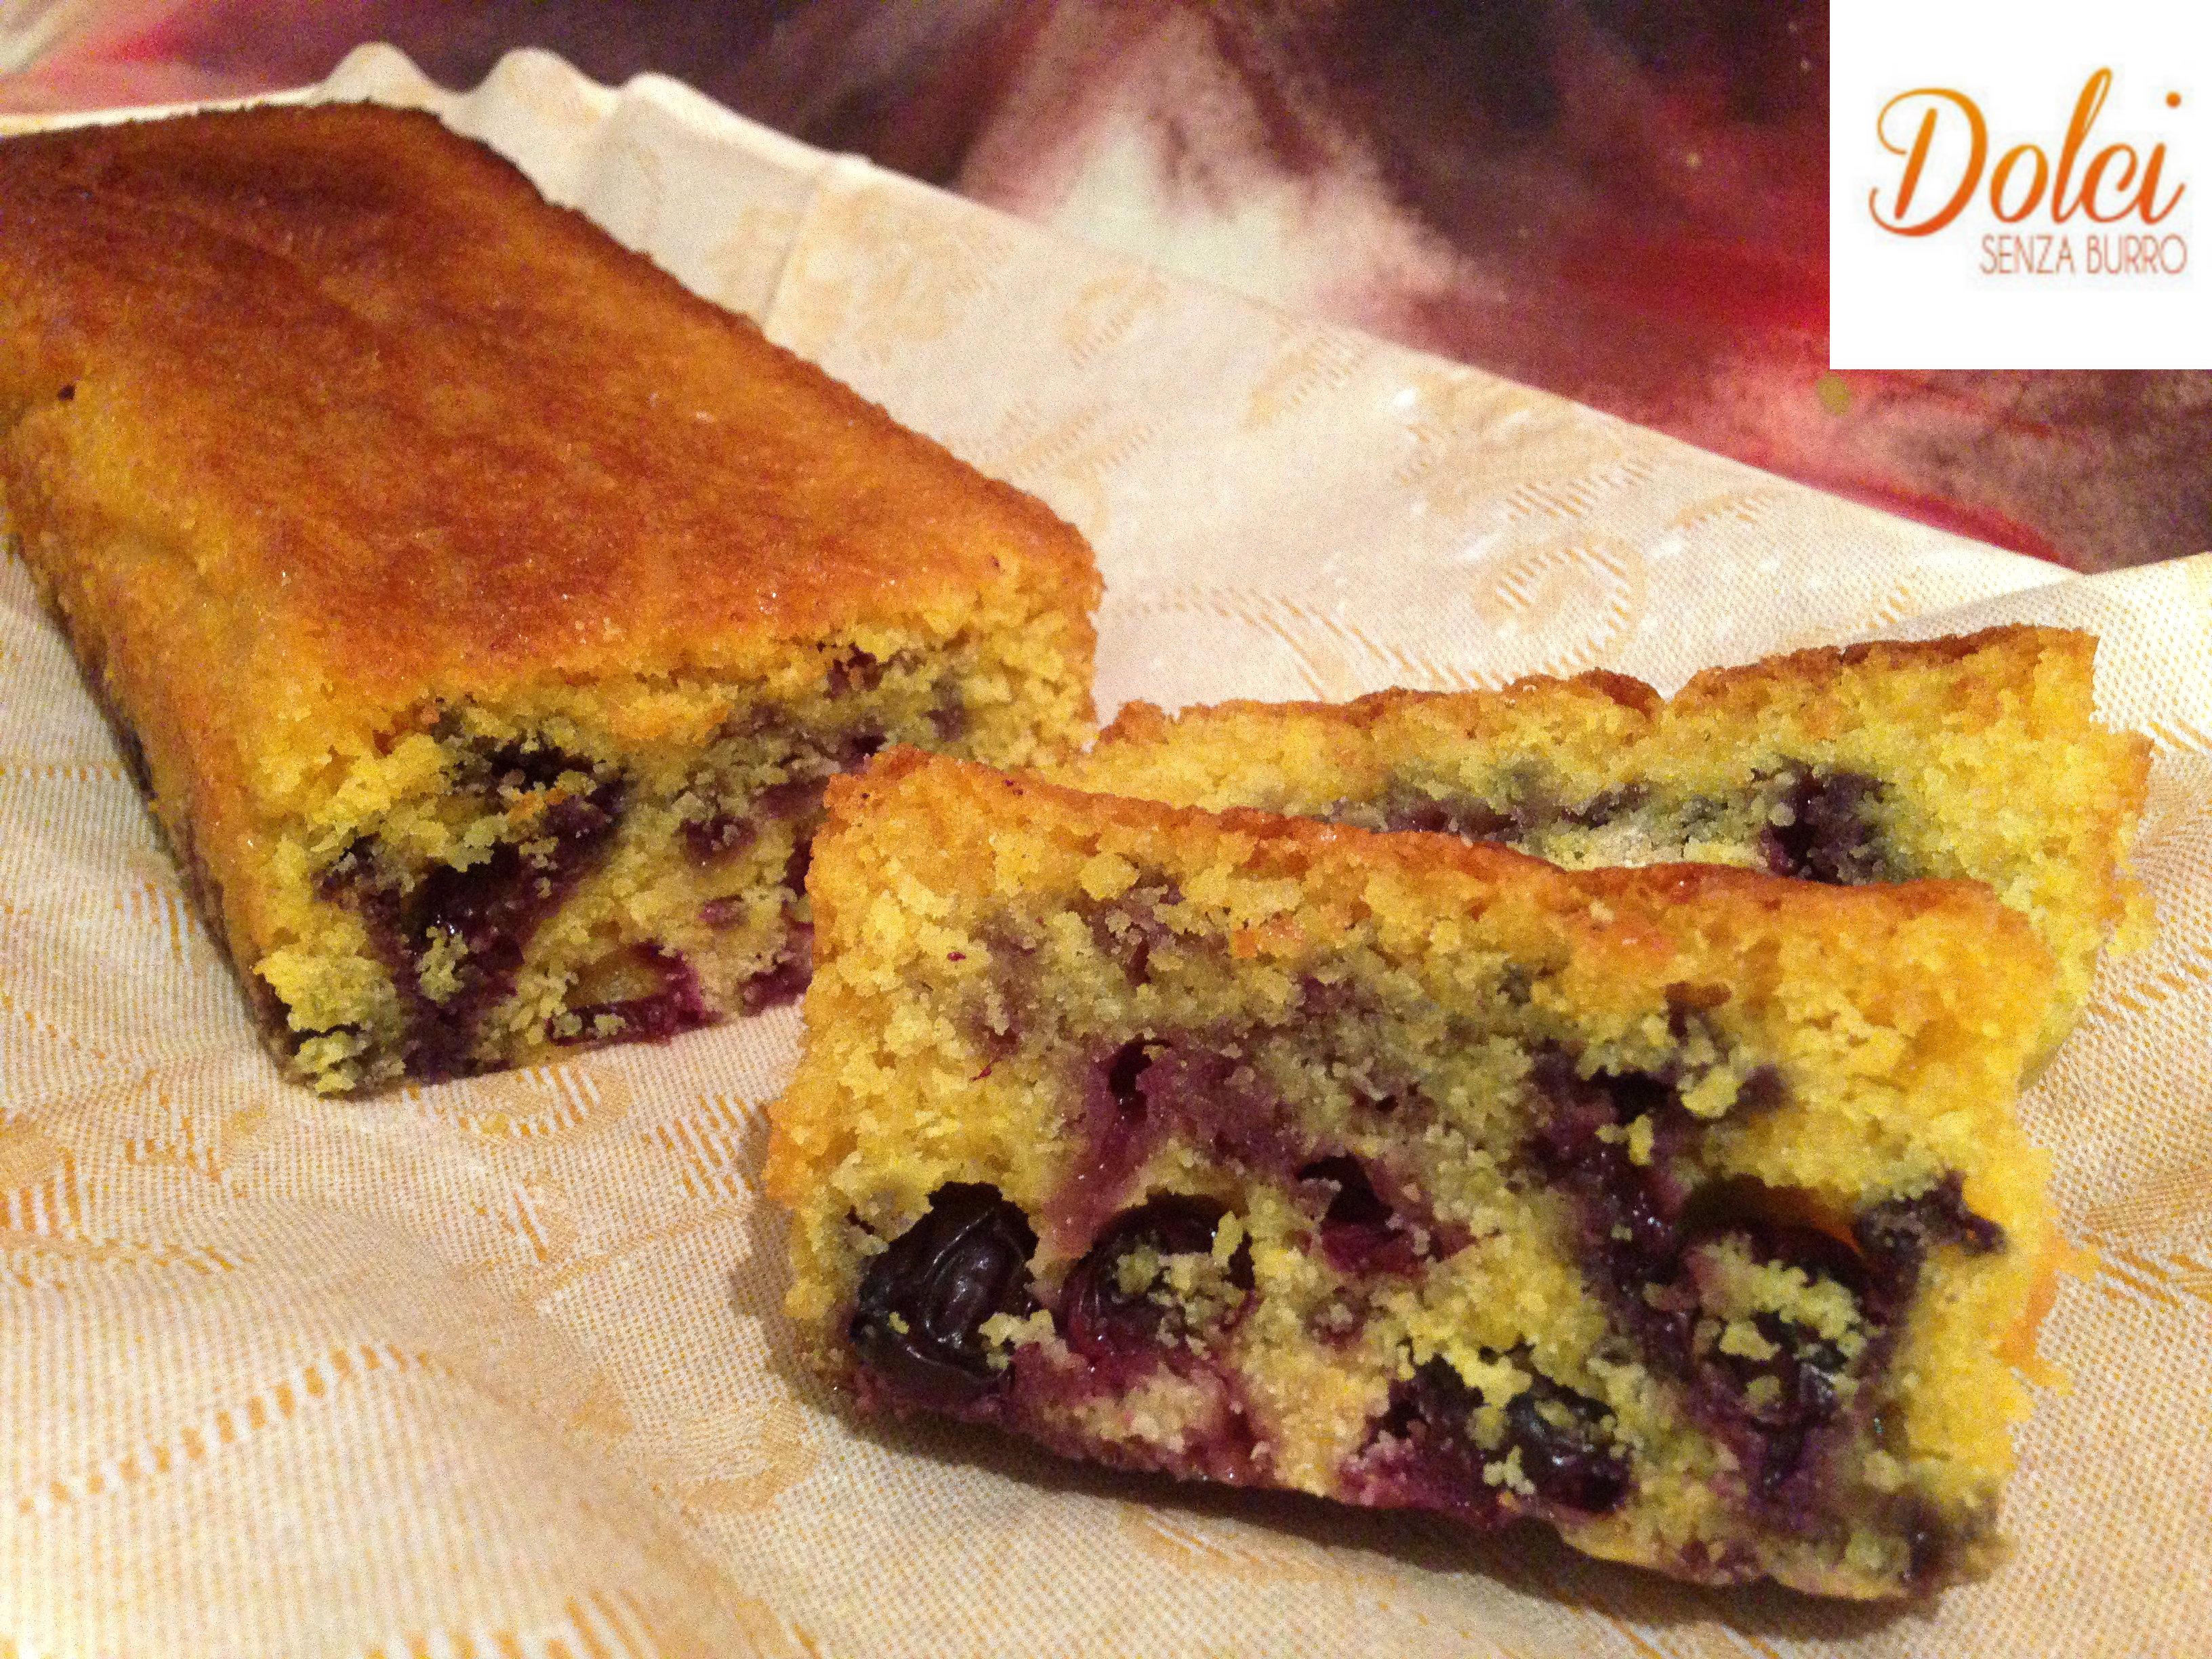 Plumcake senza burro ai mirtilli, un plumcake senza burro e uova con crumble di dolci senza burro